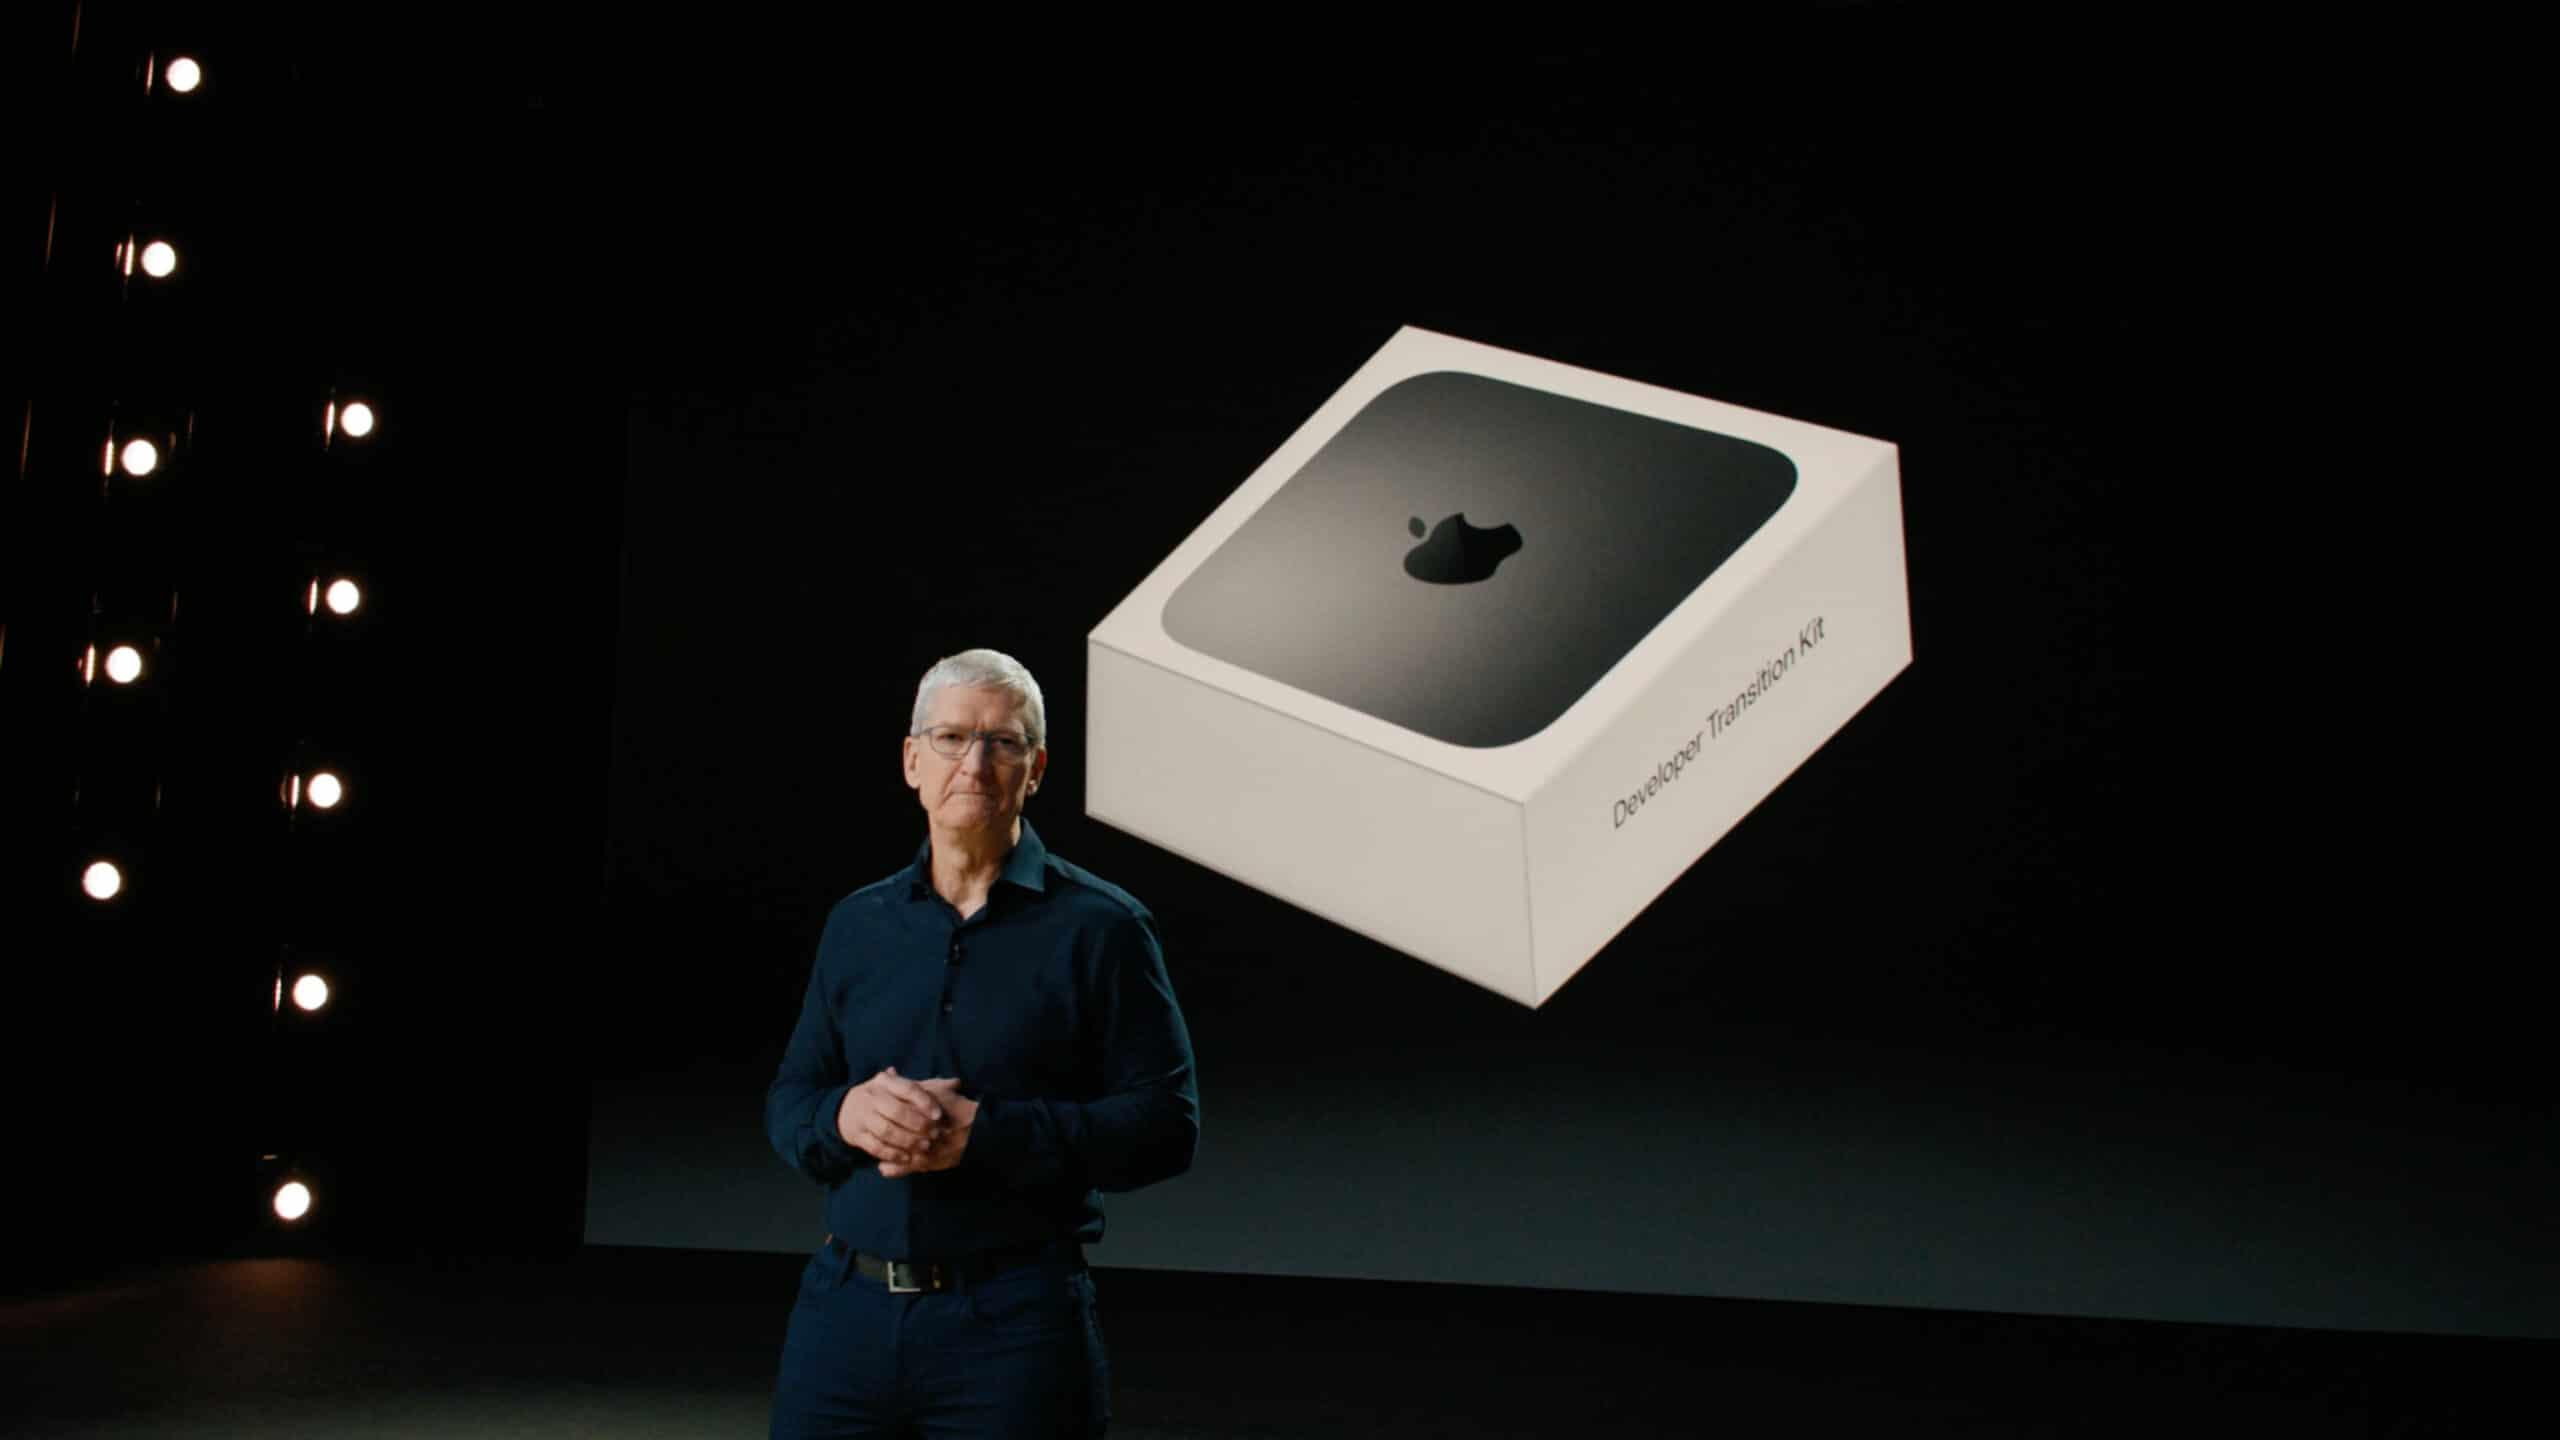 Apple'i kiibi üleminekukomplekt maksab 500 dollarit ja sisaldab A12Z protsessoriga Mac mini-d